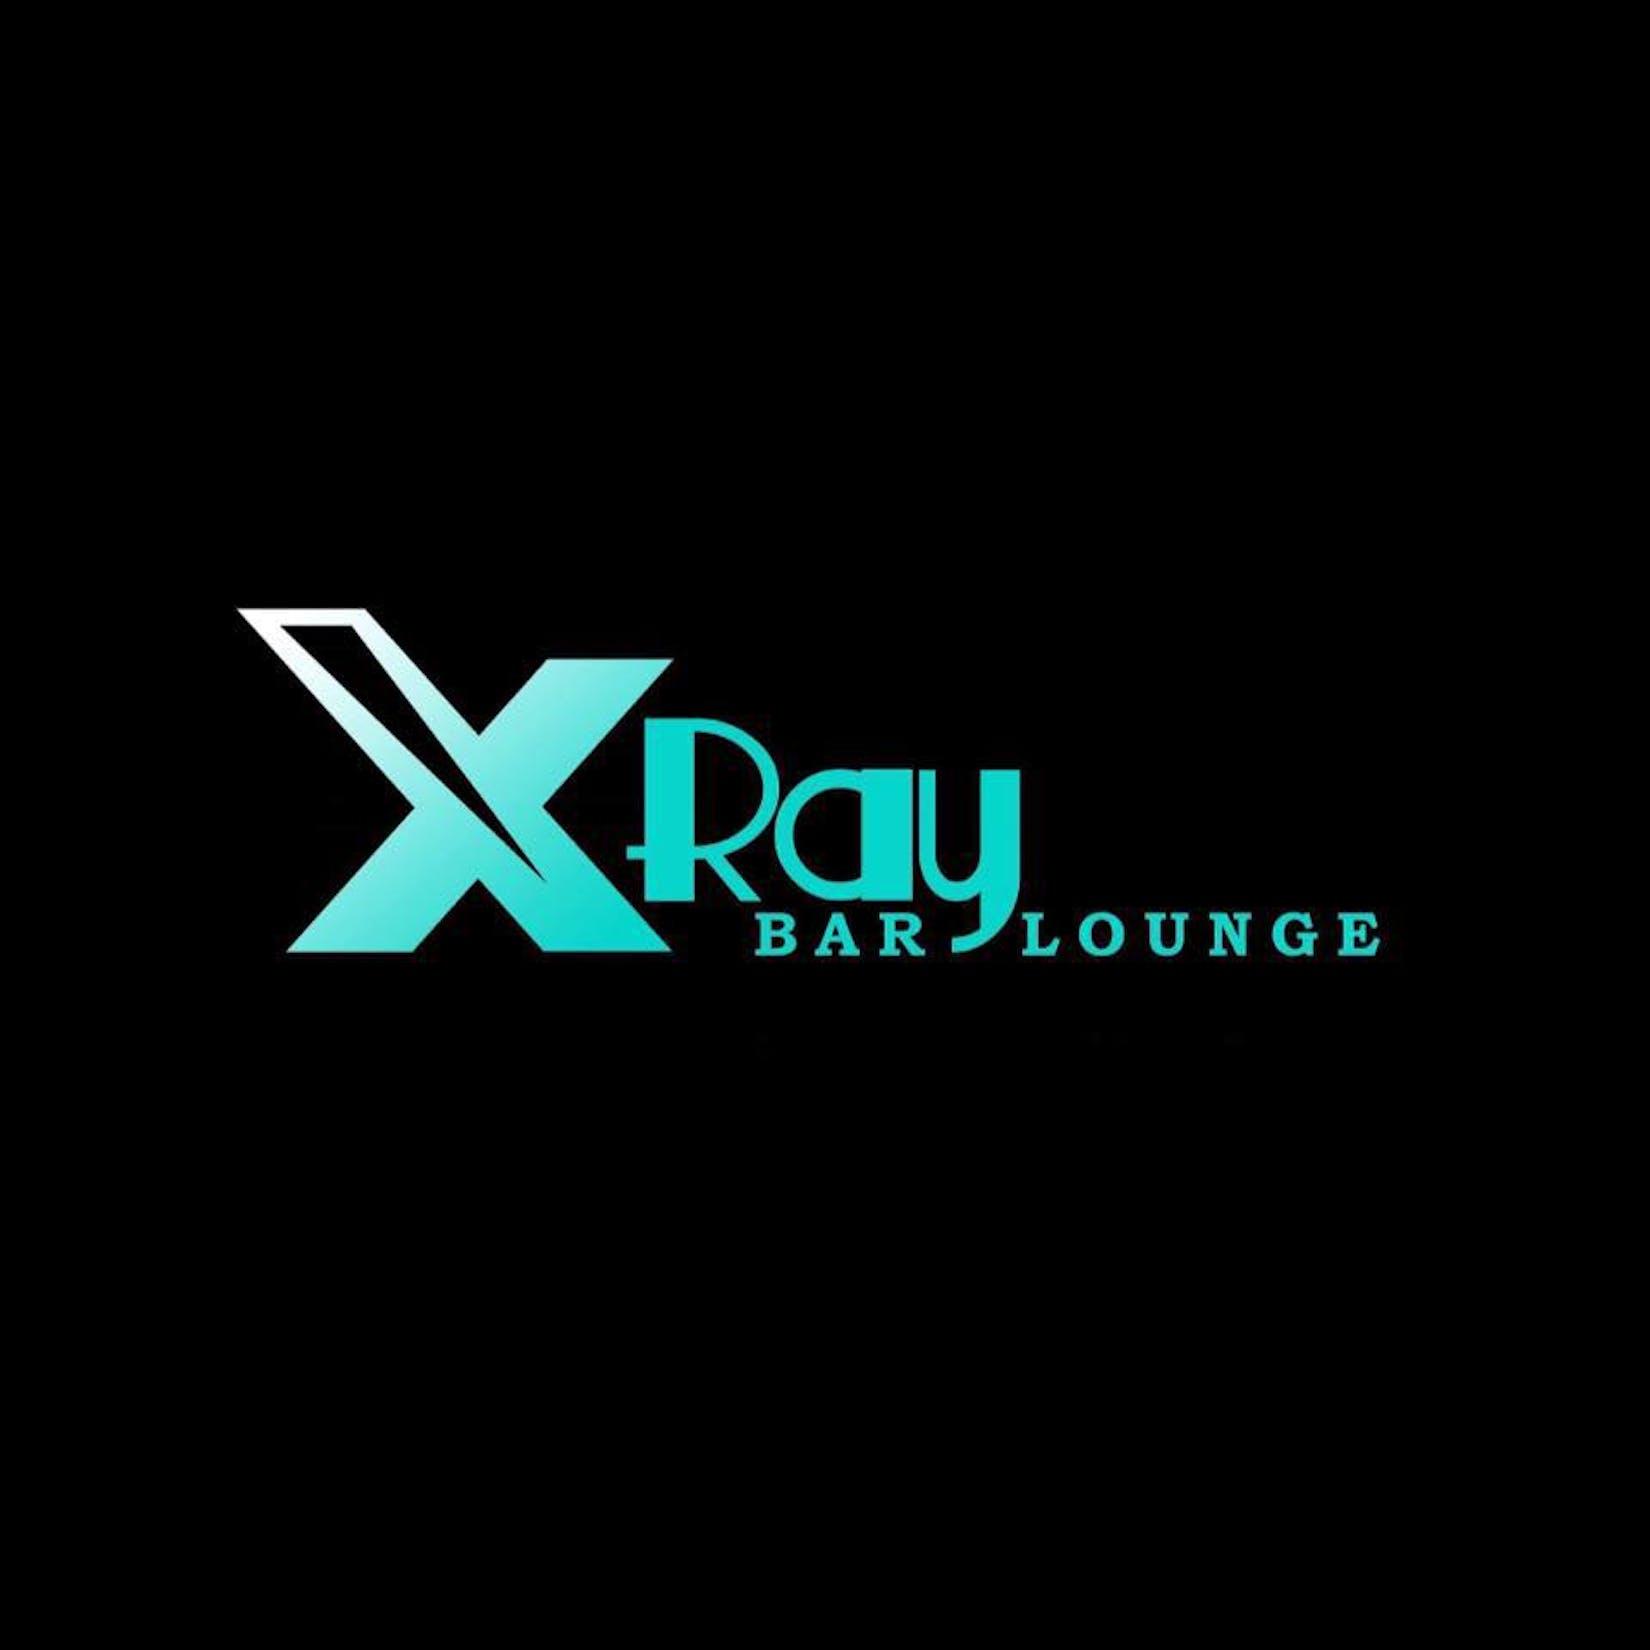 X-Ray Bar & Lounge | yathar